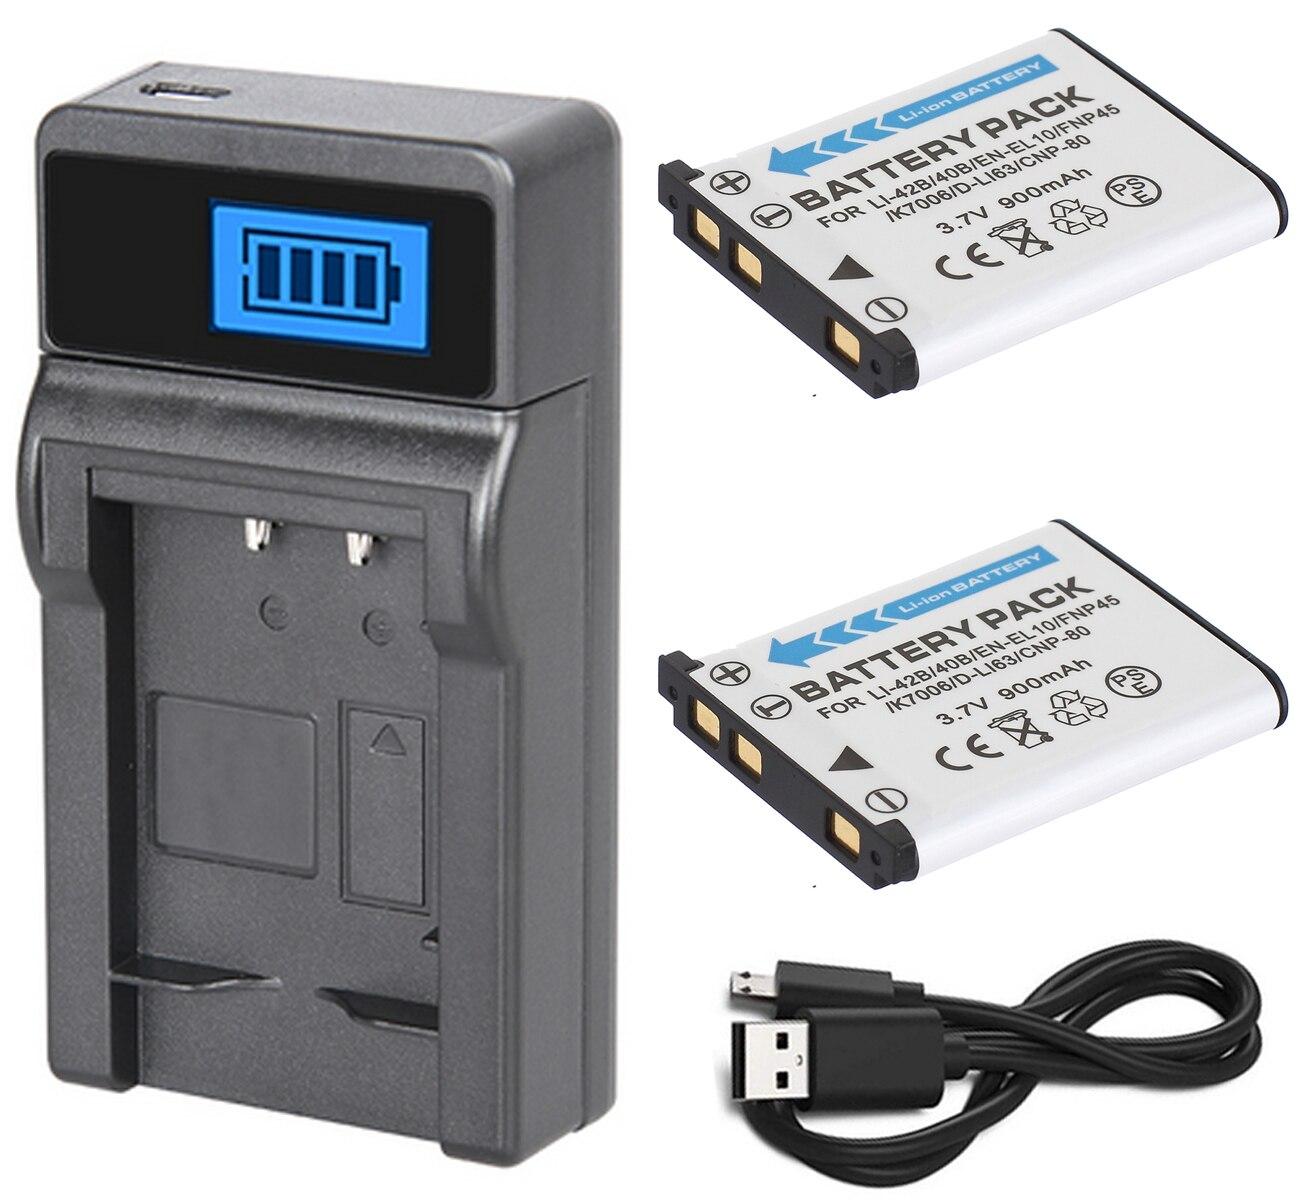 EN-EL10 batería (2 unidades) + cargador para cámara Digital Nikon CoolPix S60,...